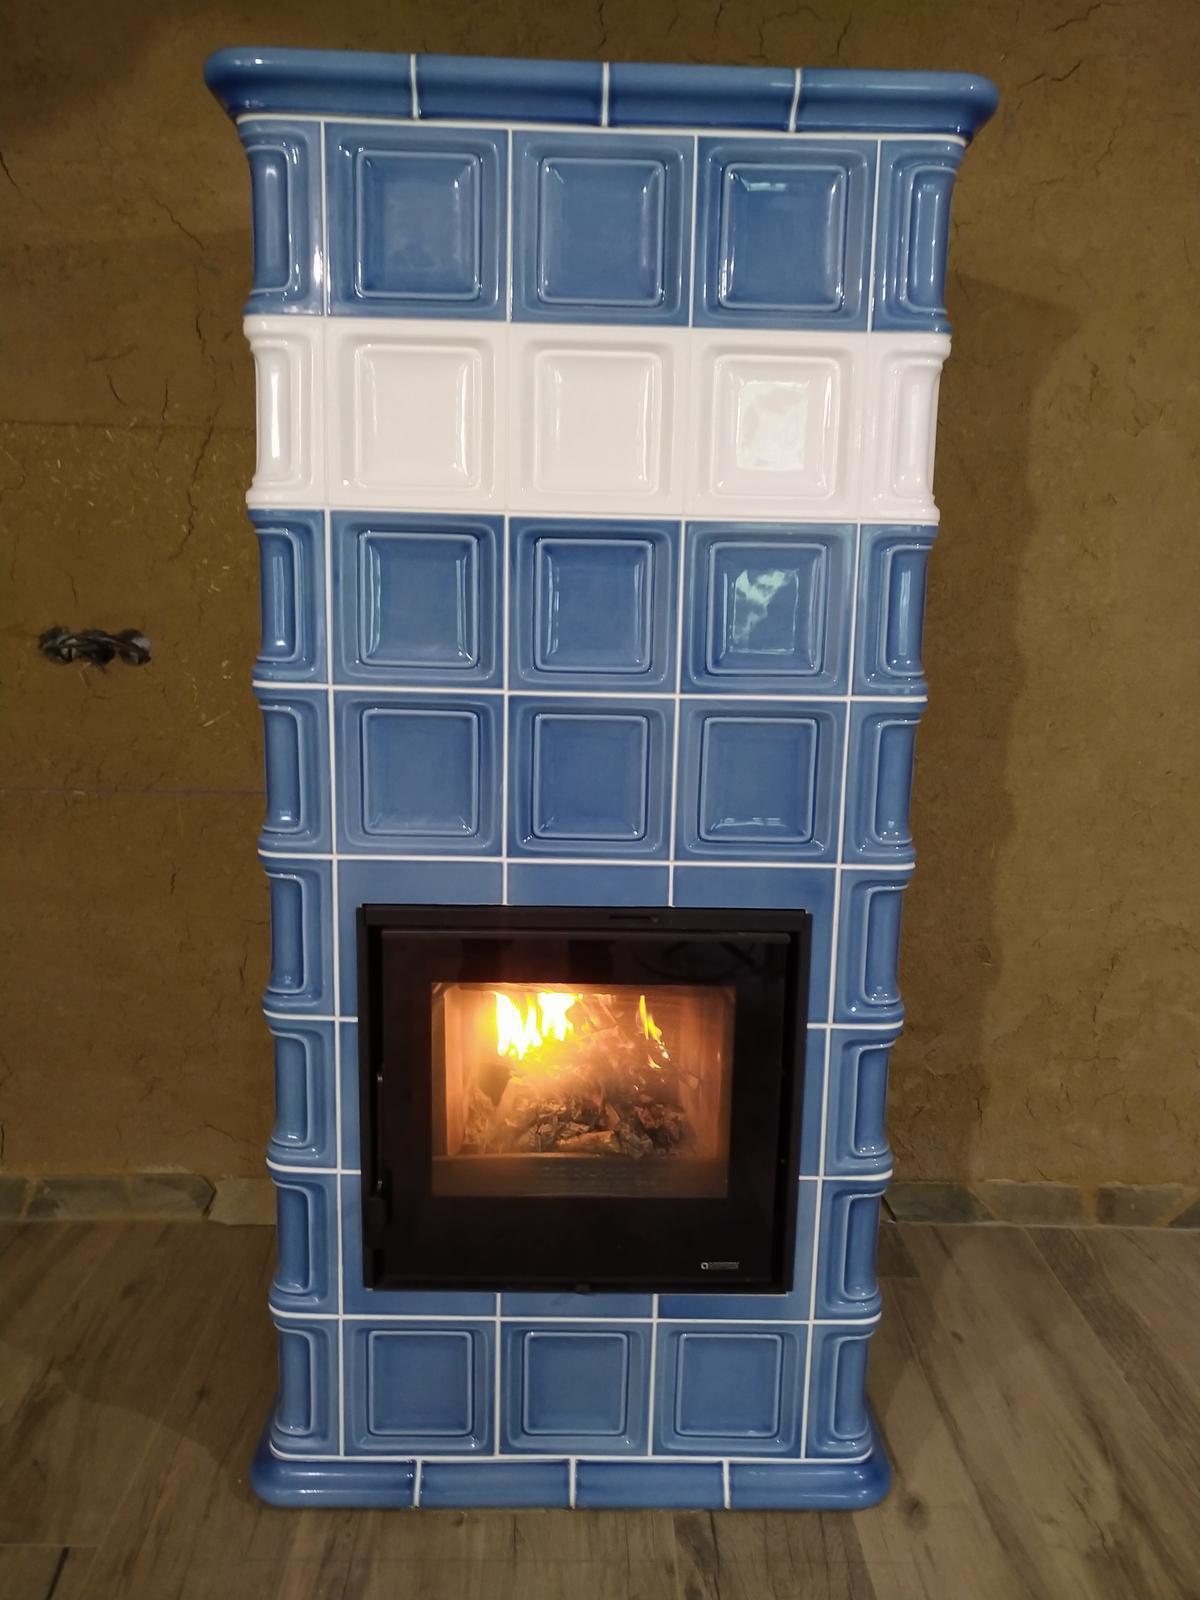 Modrý kachľový akumulačný krb - Akumulačný krb v modrom kabáte - glazúra nebeská modrá ,ohnisko La Nordica Focolare Evo 60, realizácia Lopeník /CZ